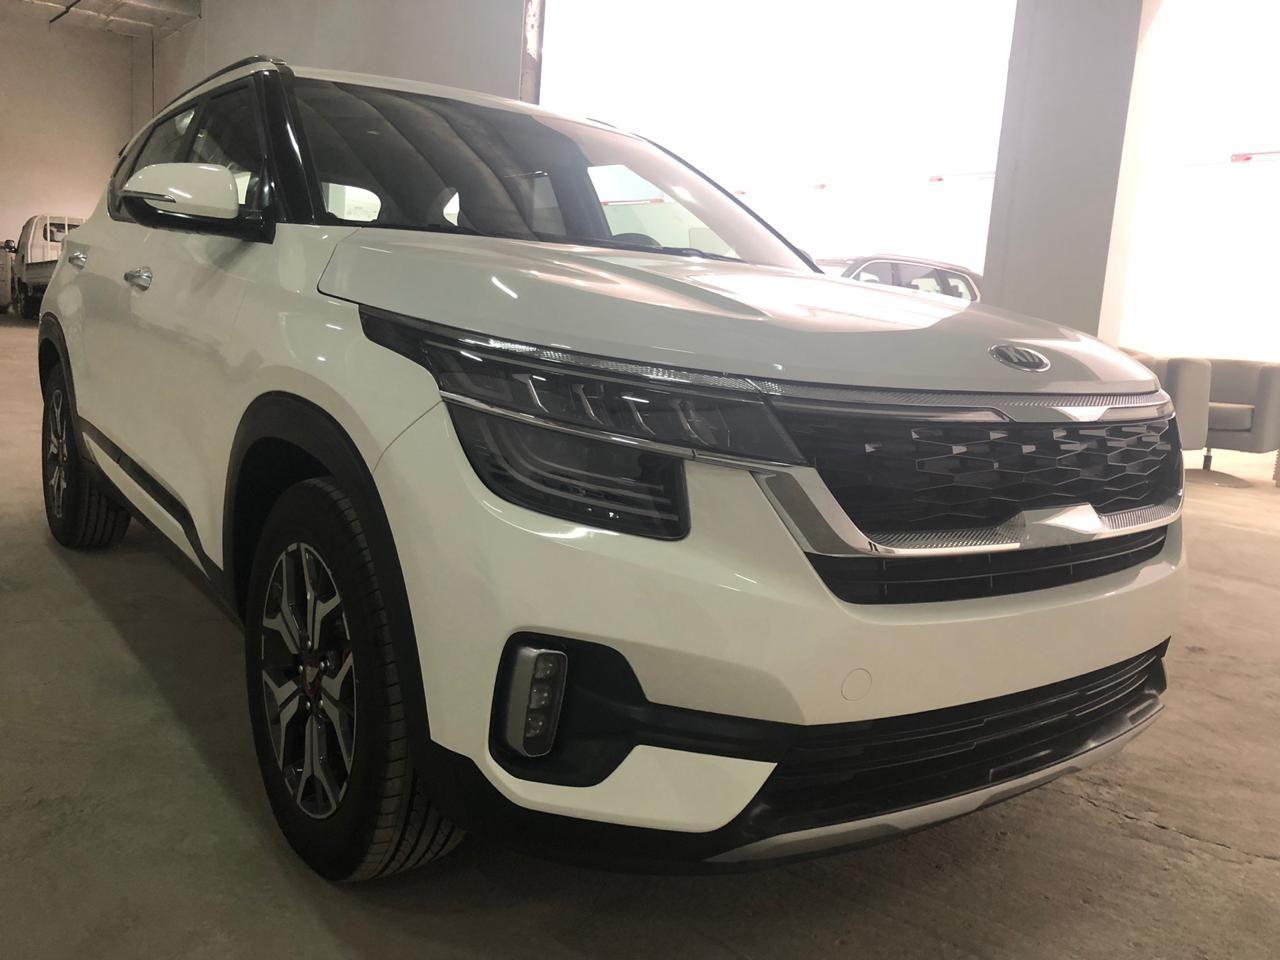 وصول كيا سيلتوس 2020 الجديدة للسعودية صور ومواصفات Suv Vehicles Suv Car